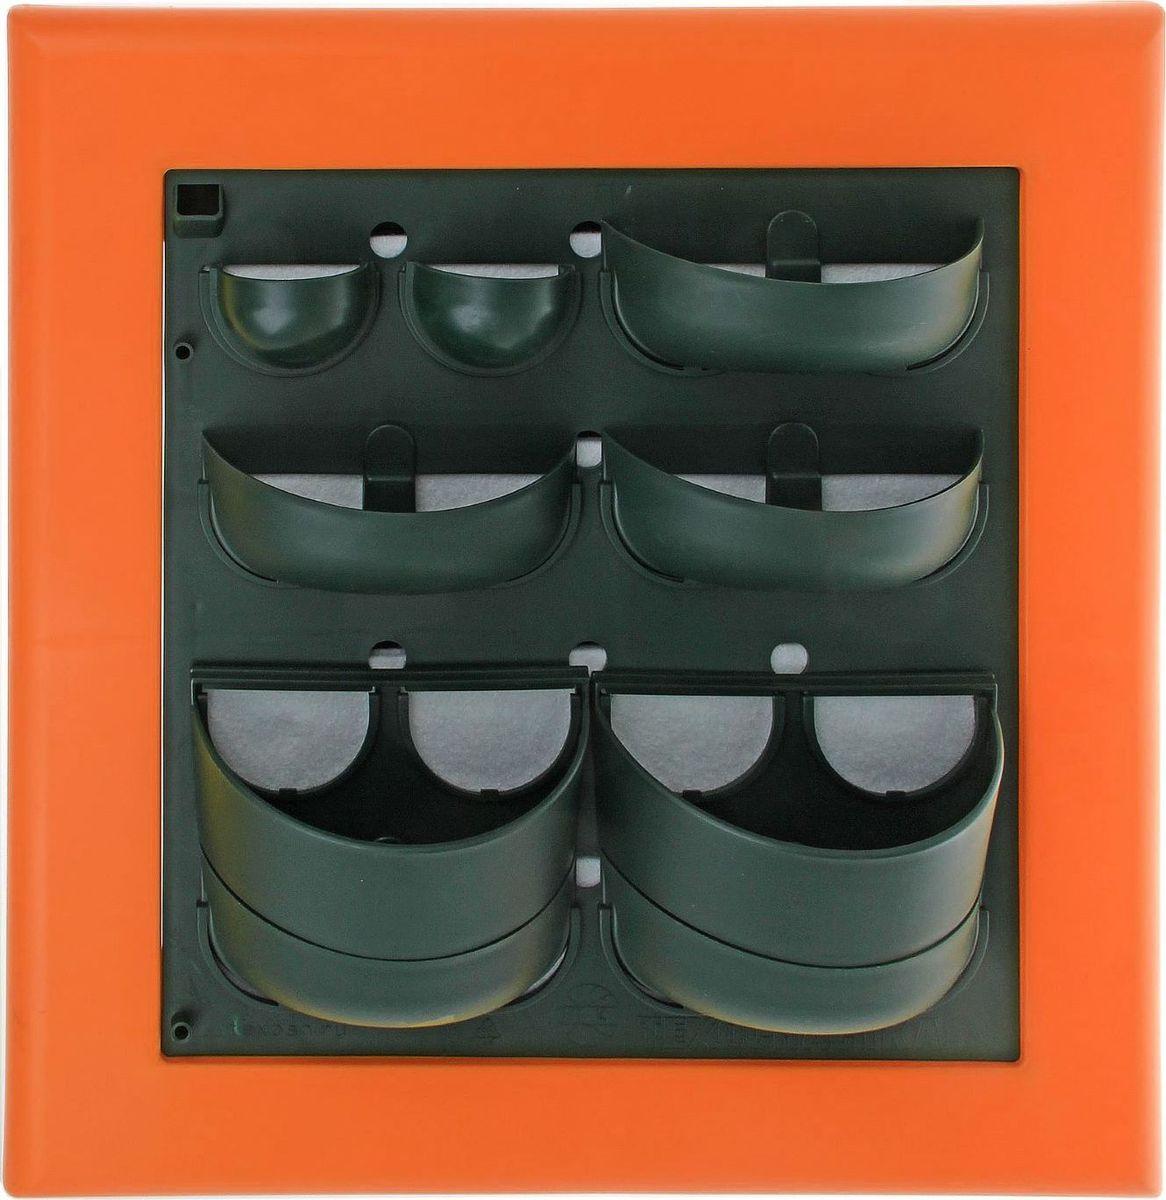 Кашпо Техоснастка Фитокартина, настенное, цвет: оранжевый, 59 х 58 х 13 см1533686Любой, даже самый современный и продуманный интерьер не будет выглядеть завершенным без растений. Они не только очищают воздух и насыщают кислородом, но и заметно украшают окружающее пространство. Такому полезному члену семьи просто необходим красивый и функциональный дом . Наше предложение фитокартина! Благодаря съемным блокам-кашпо вы сможете создать любую композицию на свой вкус. Как собирать?Распакуйте фитопанель, подготовьте необходимое количество растений.Возьмите маленький горшок и разместите в нем водопроводящий картридж (входит в комплект).Разместите подходящее по размеру растение в горшке.Поместите картридж с растением между передней частью панели и капиллярным матом.Закрепите горшок с растением на фитомодуле.Вставив в каждую выемку картридж, закрепите на фитомодуле нижнюю часть большого горшка.Затем так же закрепите верхнюю часть большого горшка строго над нижней.Посадите в большой горшок выбранное растение. Ваша фитокартина готова! Фотоинструкция. Рекомендации по поливу Вставьте в левый нижний угол водоотводящую трубку. Медленно заливайте воду в панно через поливочное отверстие. Как только она покажется в трубке, прекратите полив. Опустив трубку вниз, можно слить ненужную жидкость обратно в лейку. Уберите трубку до следующего орошения. Режим полива зависит от температуры и влажности в помещении, состава грунта, интенсивности освещения, возраста и типа растения и многих других факторов. Частота может варьироваться от 2 до 4 недель. Чтобы растение легко прижилось в новом горшке, рекомендуем первые 3?4 недели производить полив не через трубку, а напрямую в грунт, используя лейку с узким носиком. Создавать красоту просто! Наполните свой дом прекрасными цветами, а мы позаботимся о низкой цене и высоком качестве от российского производителя.